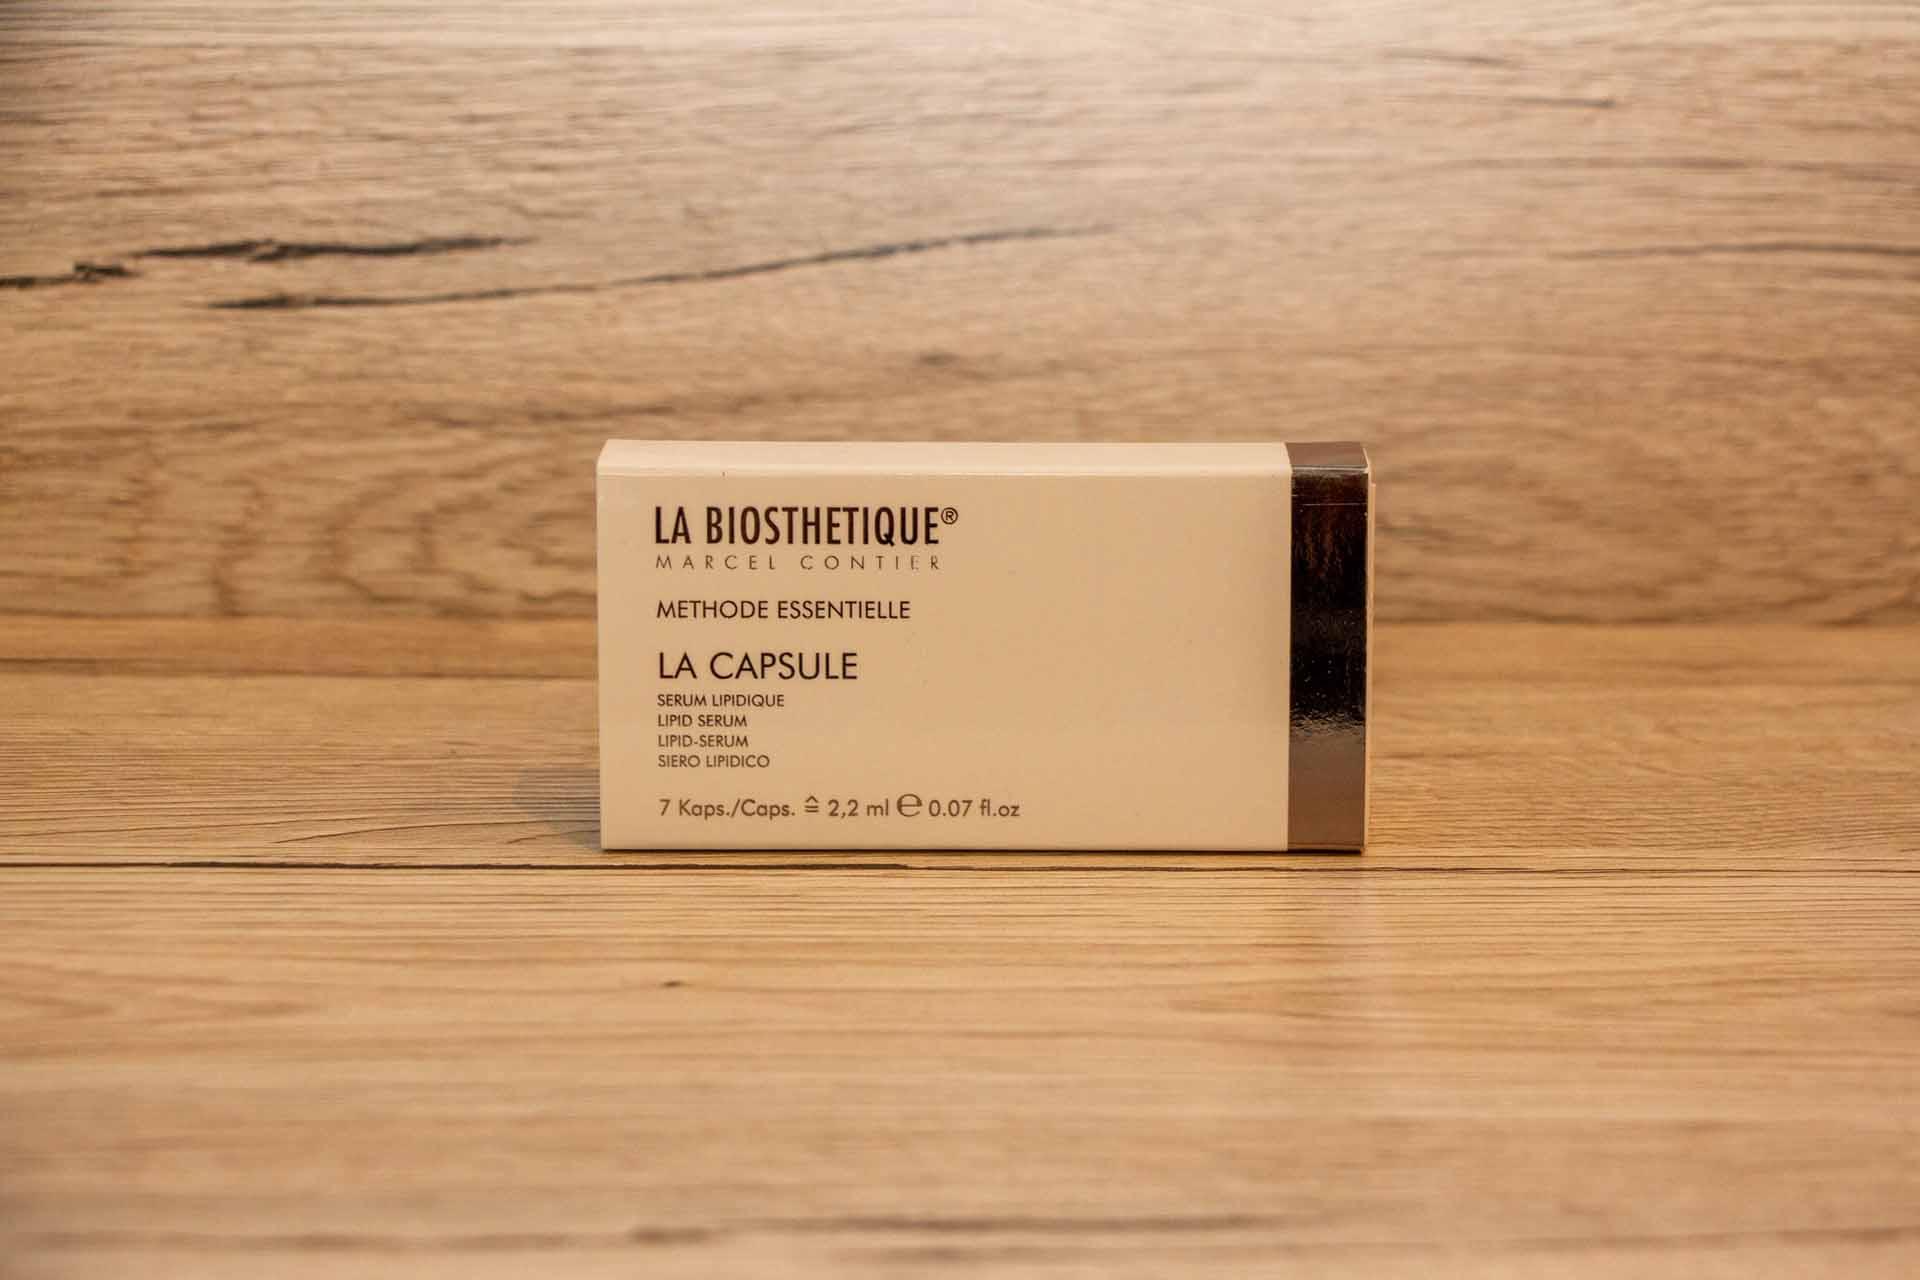 Prodotti La Biosthetique, La Capsule, Diego Staff Parrucchieri Spinea